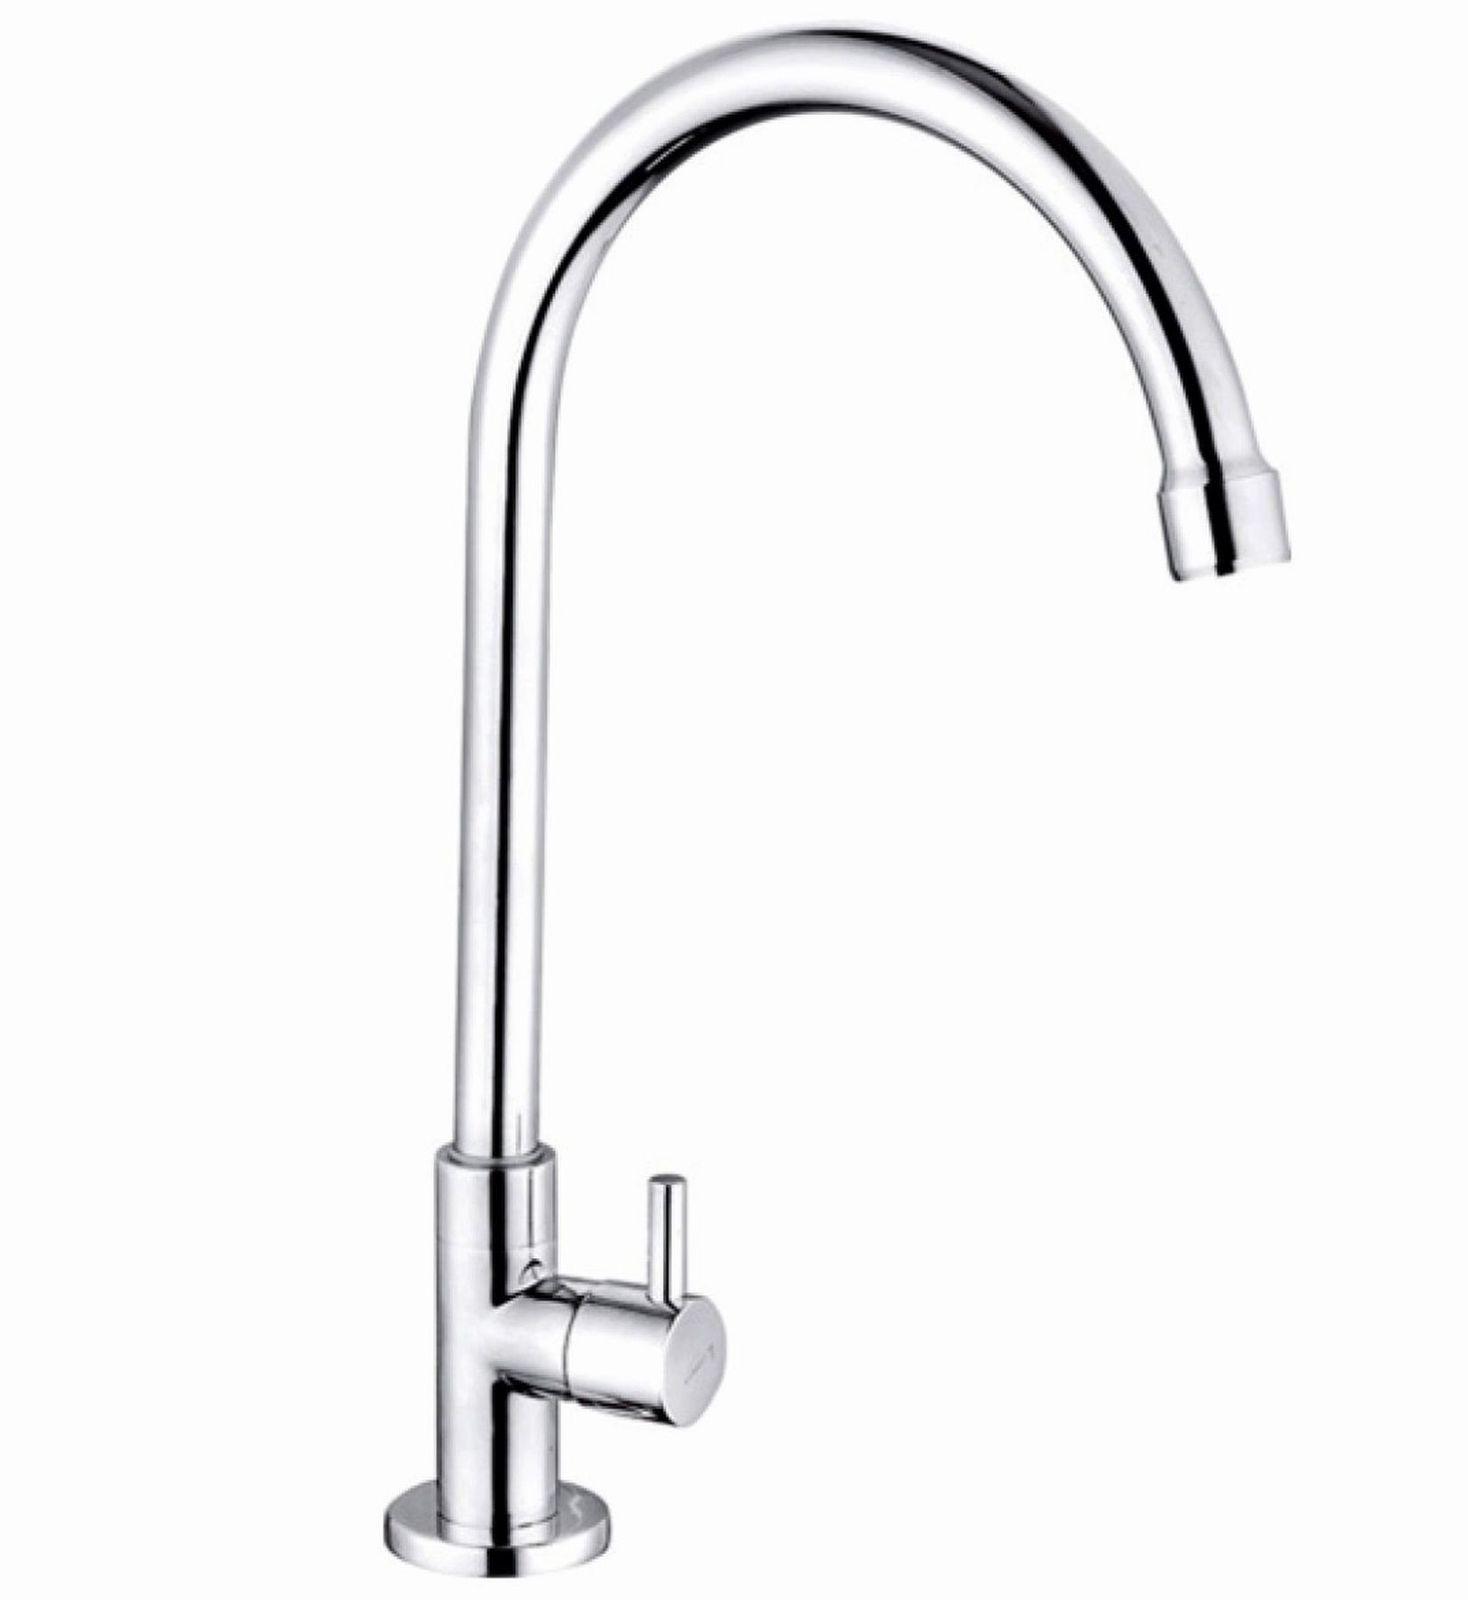 Standventil Kaltwasser Armatur Ligos Gaste Wc Wasserhahn Messing